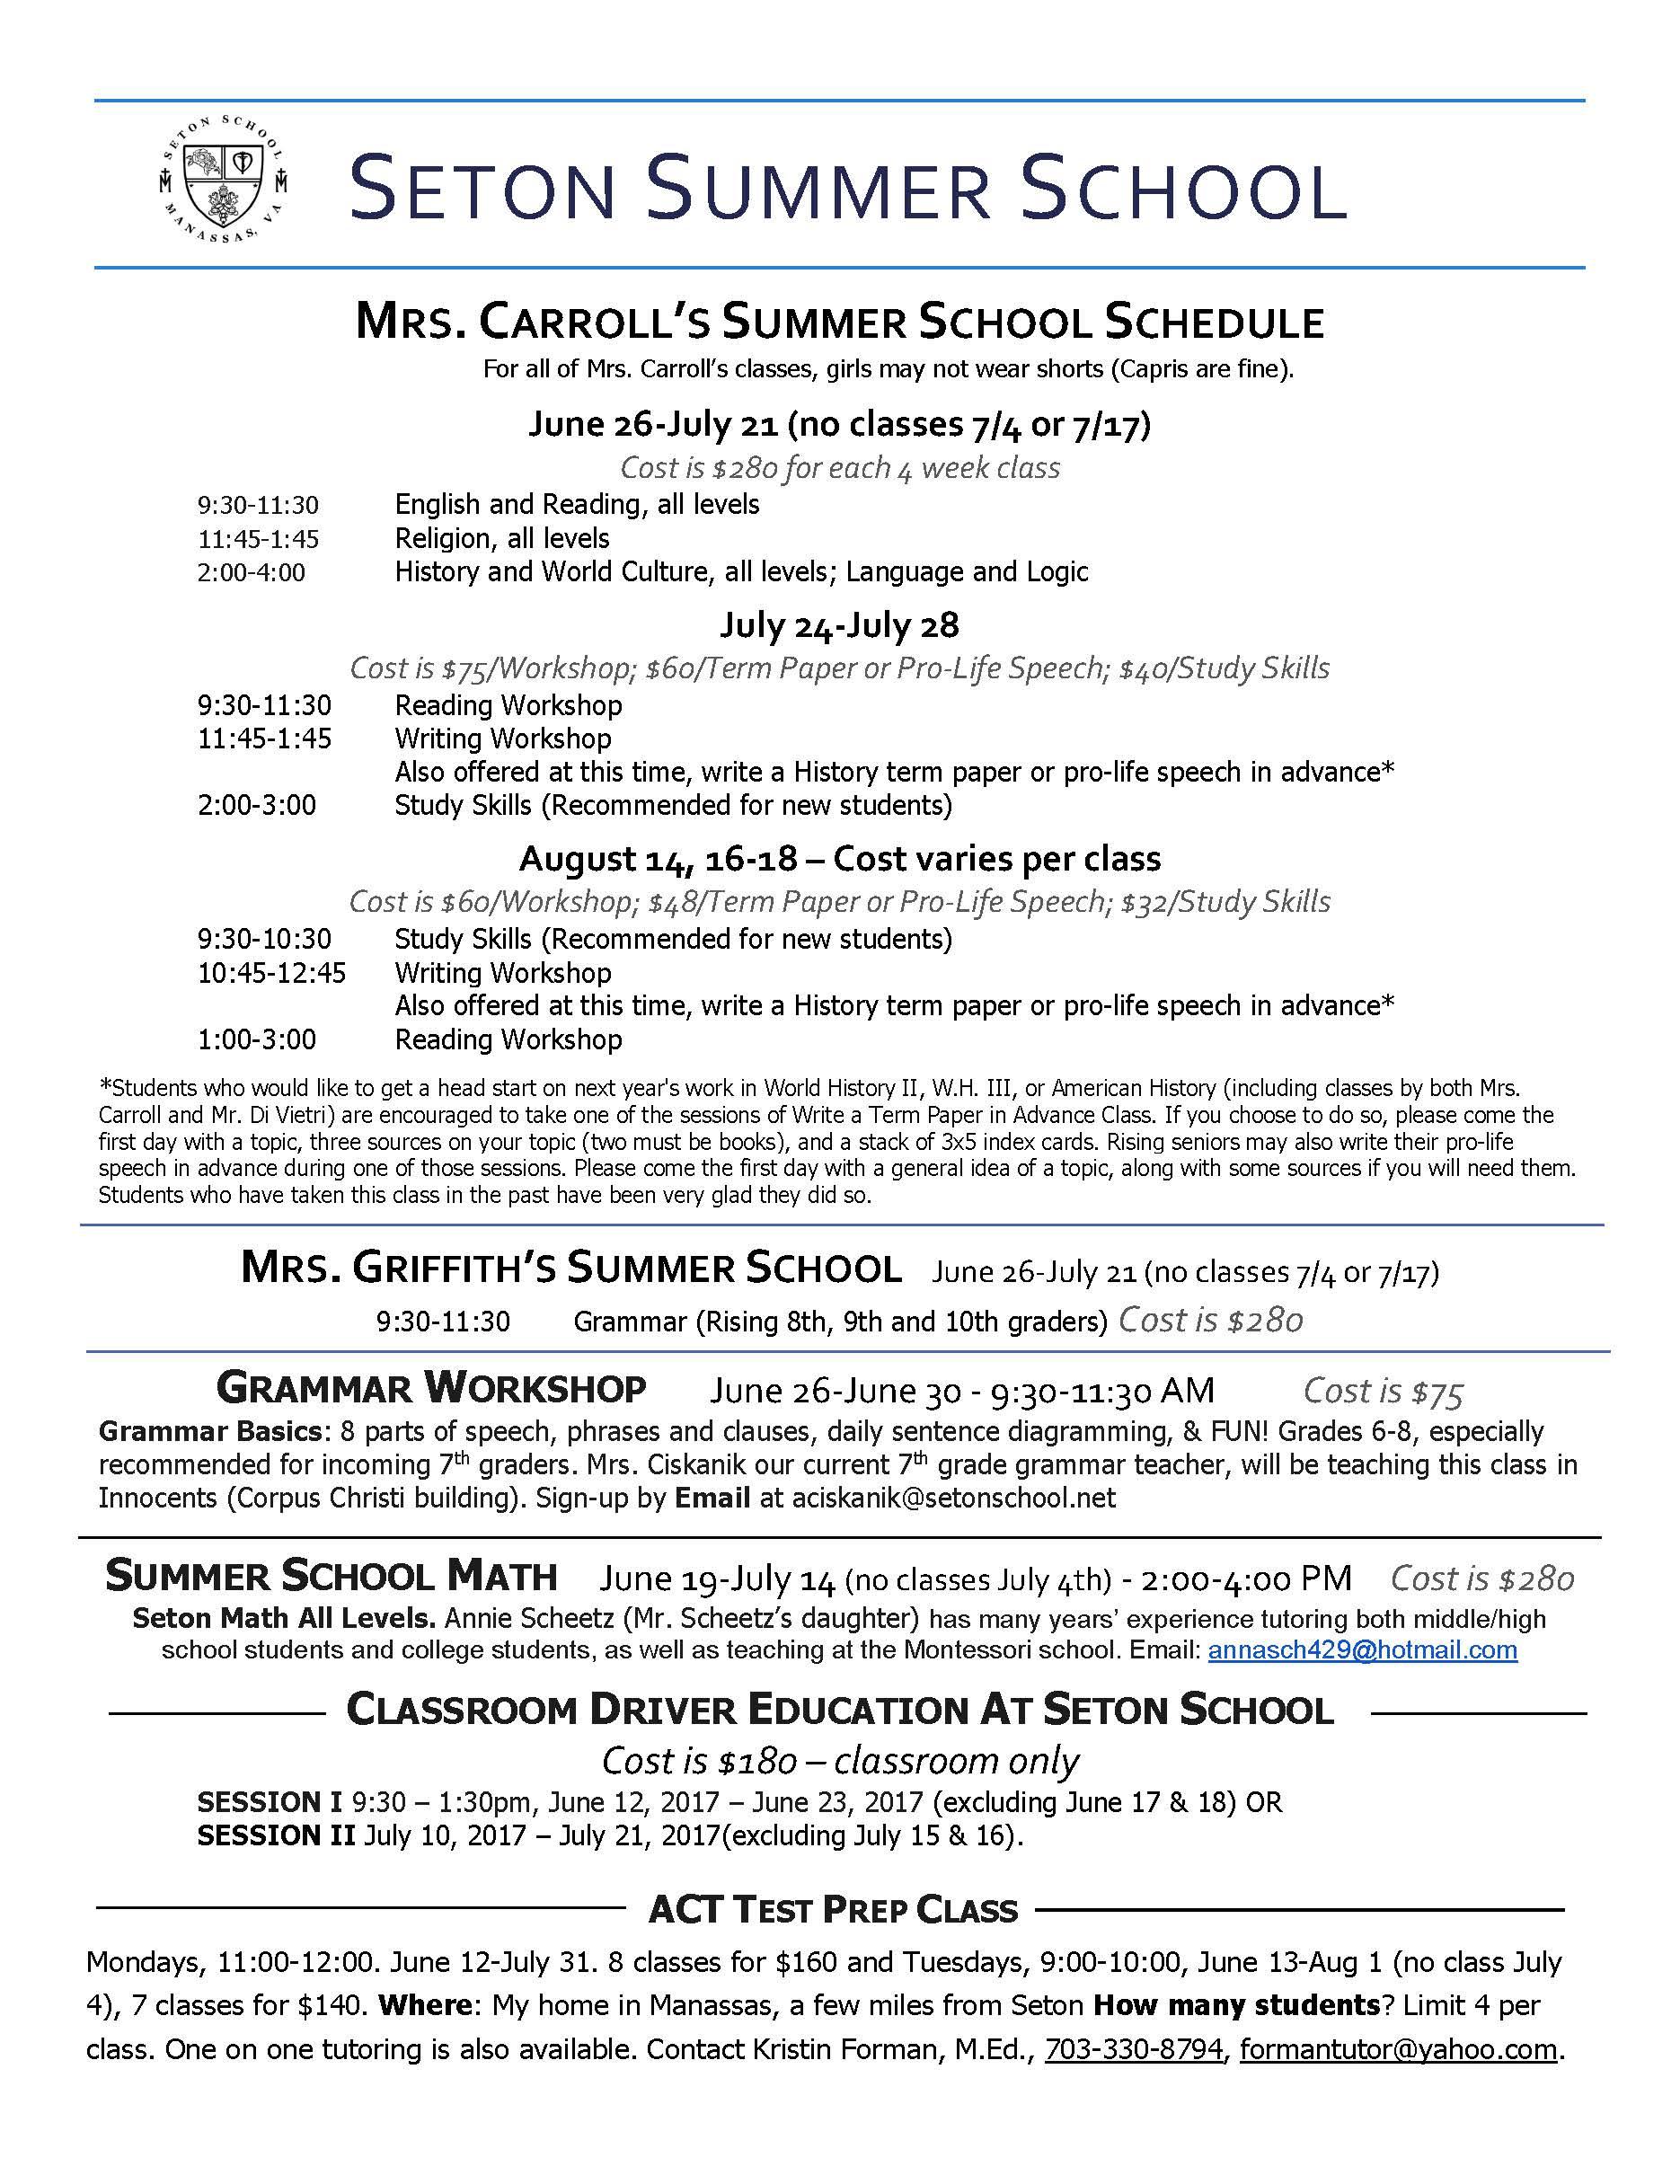 Summer Academic Schedule Summer Activities Schedule